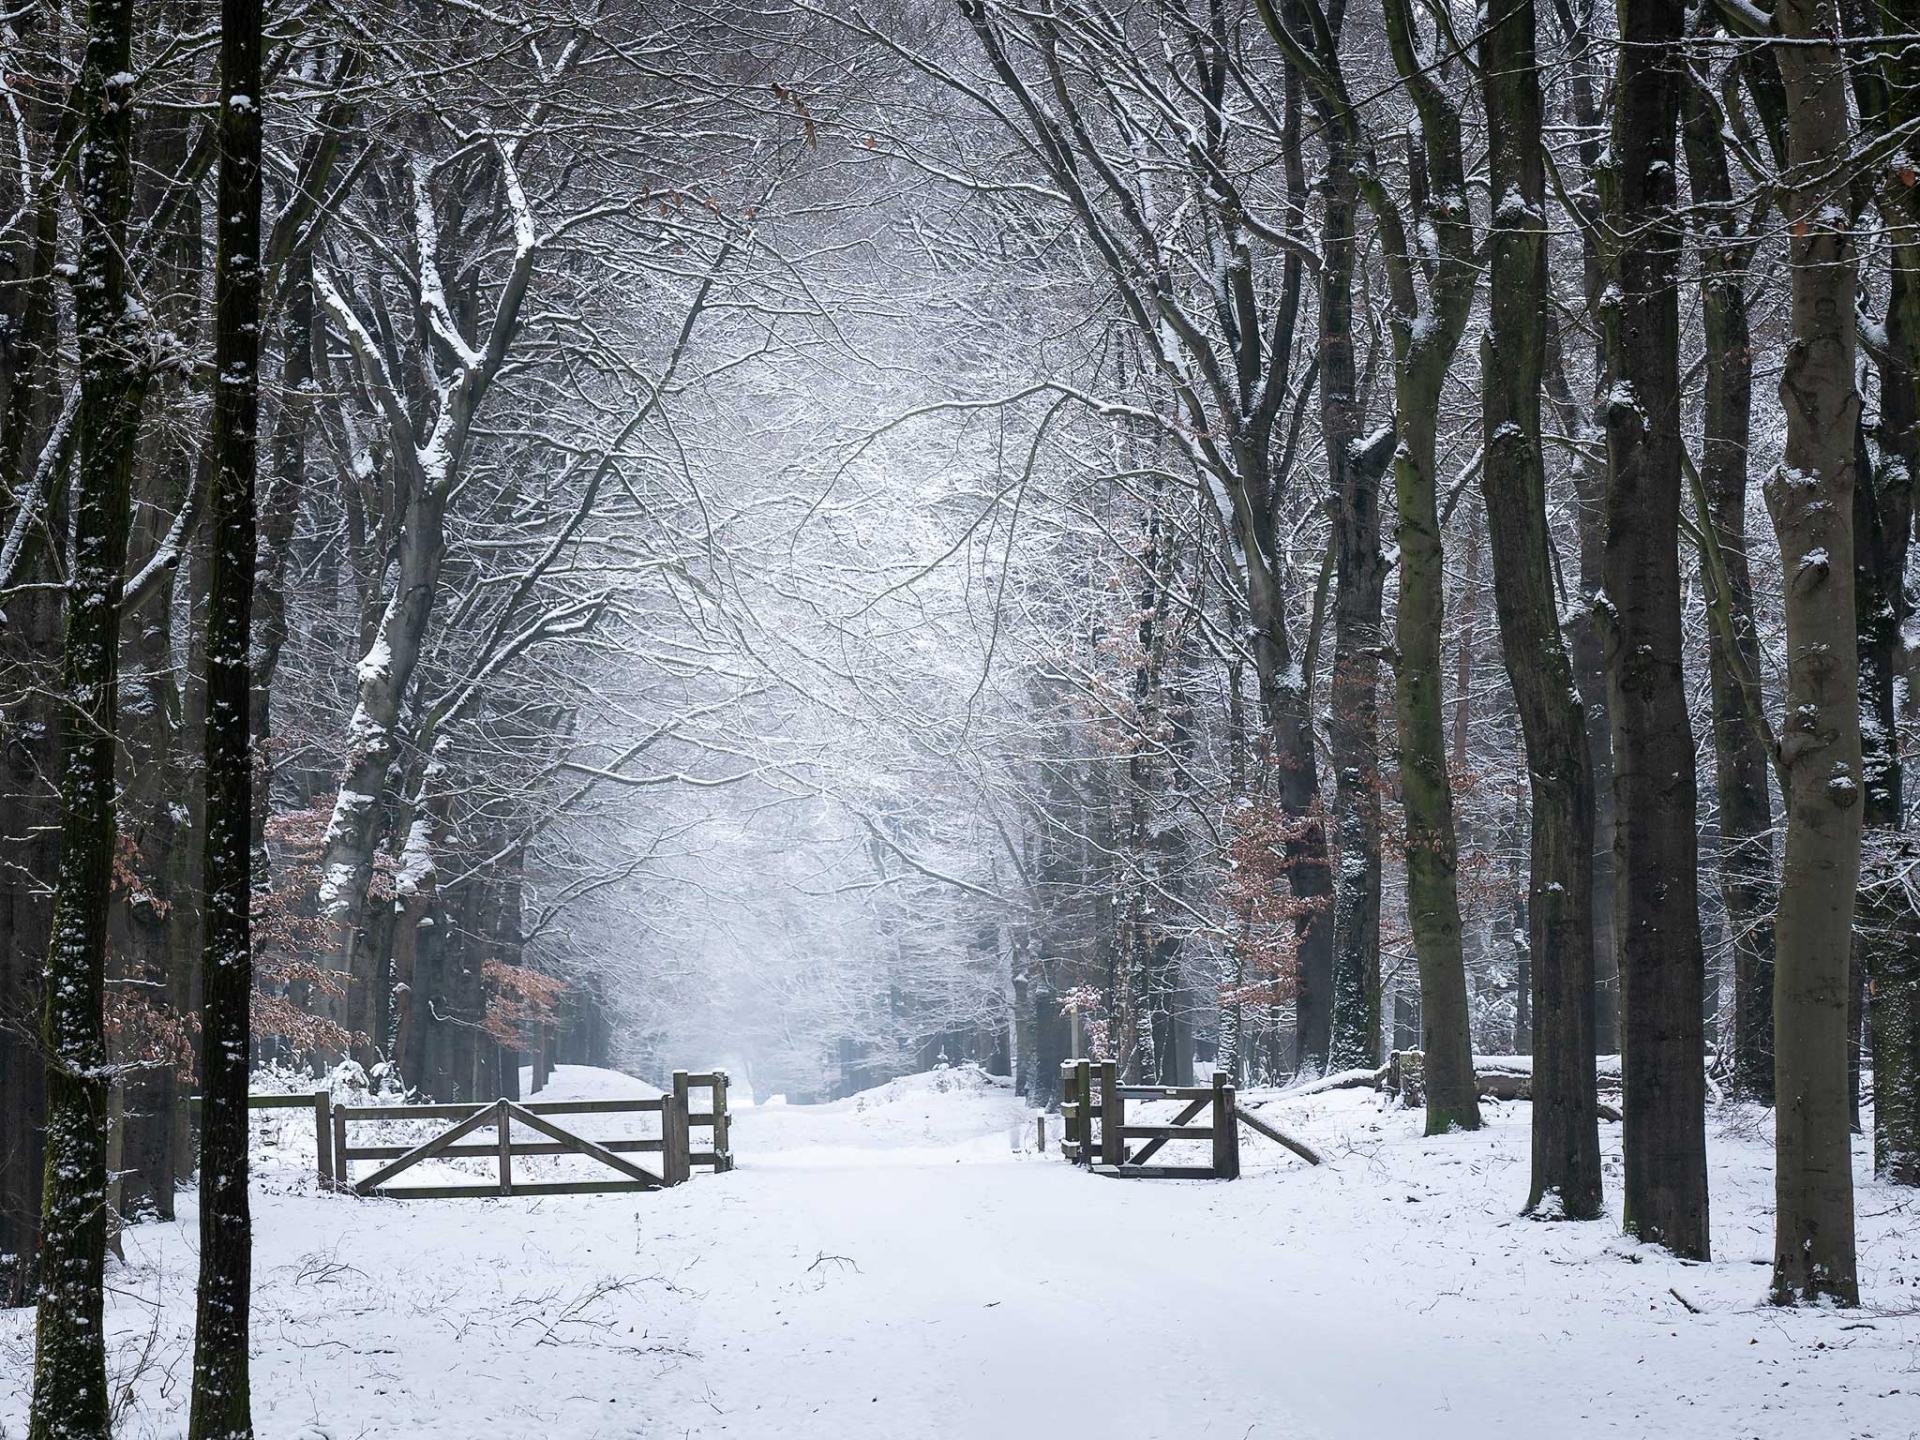 Teugkijken naar Planken Wambuis en winterse setting